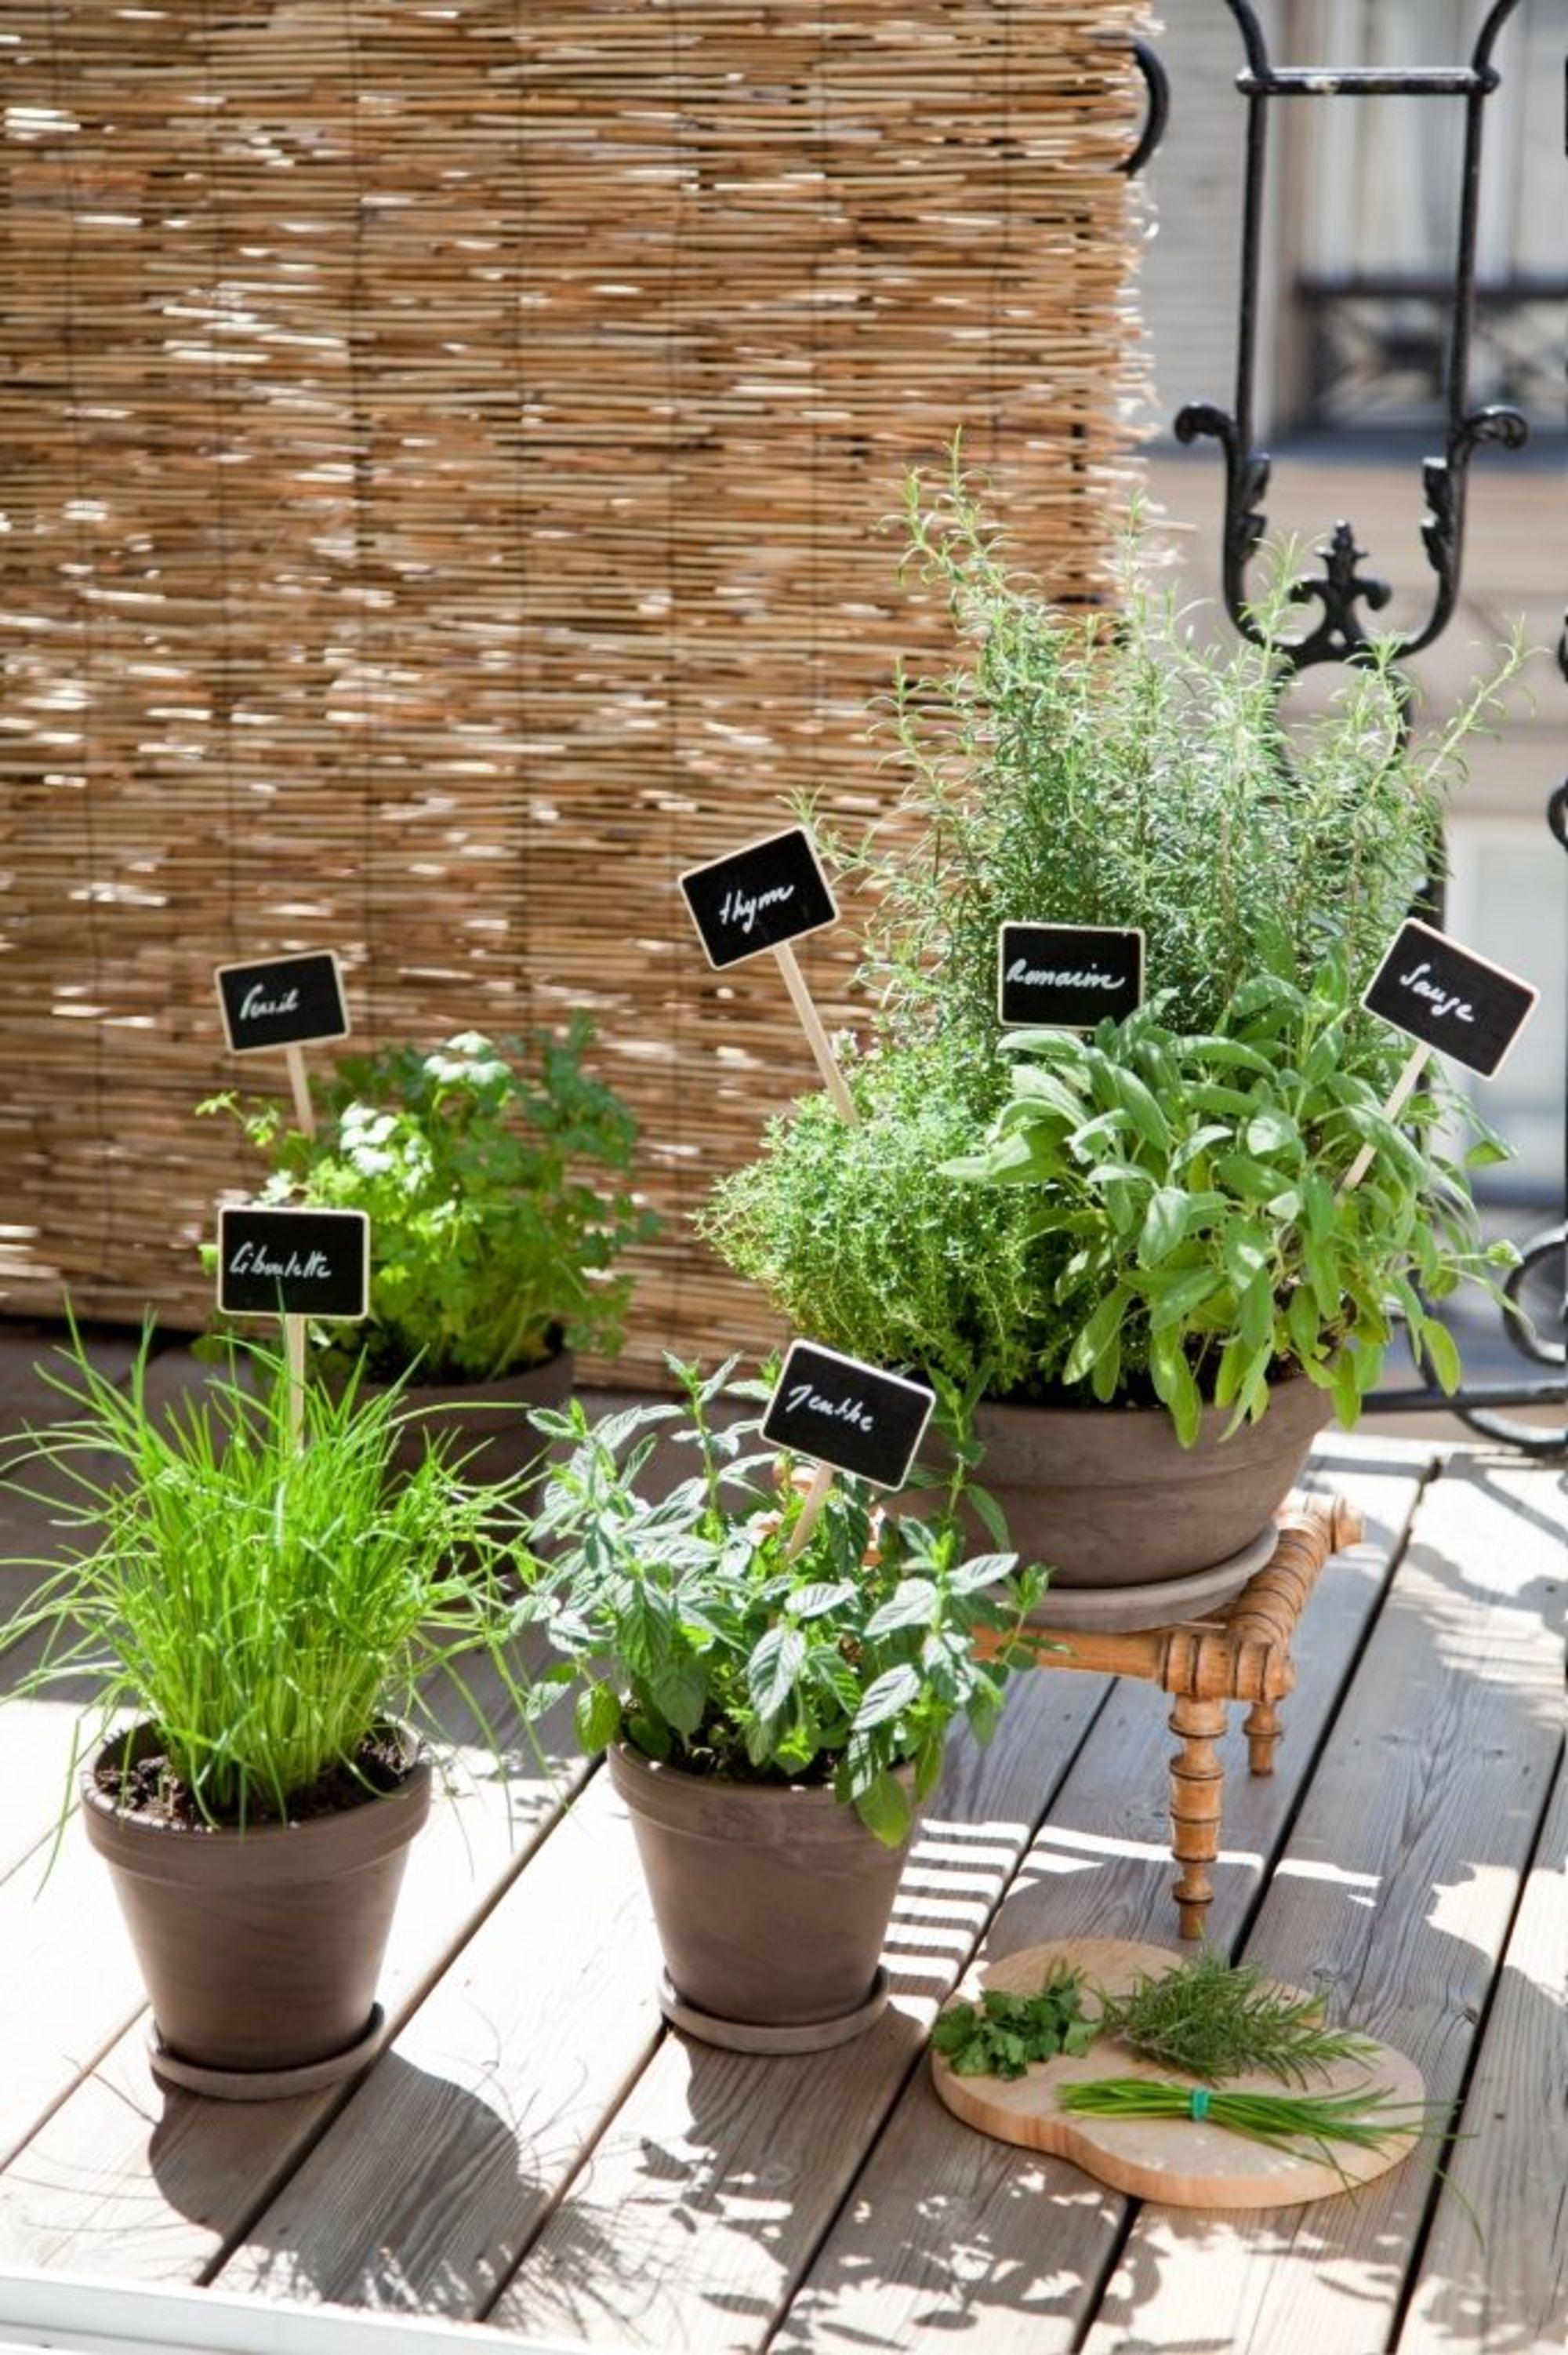 comment planter des plantes aromatiques sur son balcon jardin pinterest huerto huerta. Black Bedroom Furniture Sets. Home Design Ideas